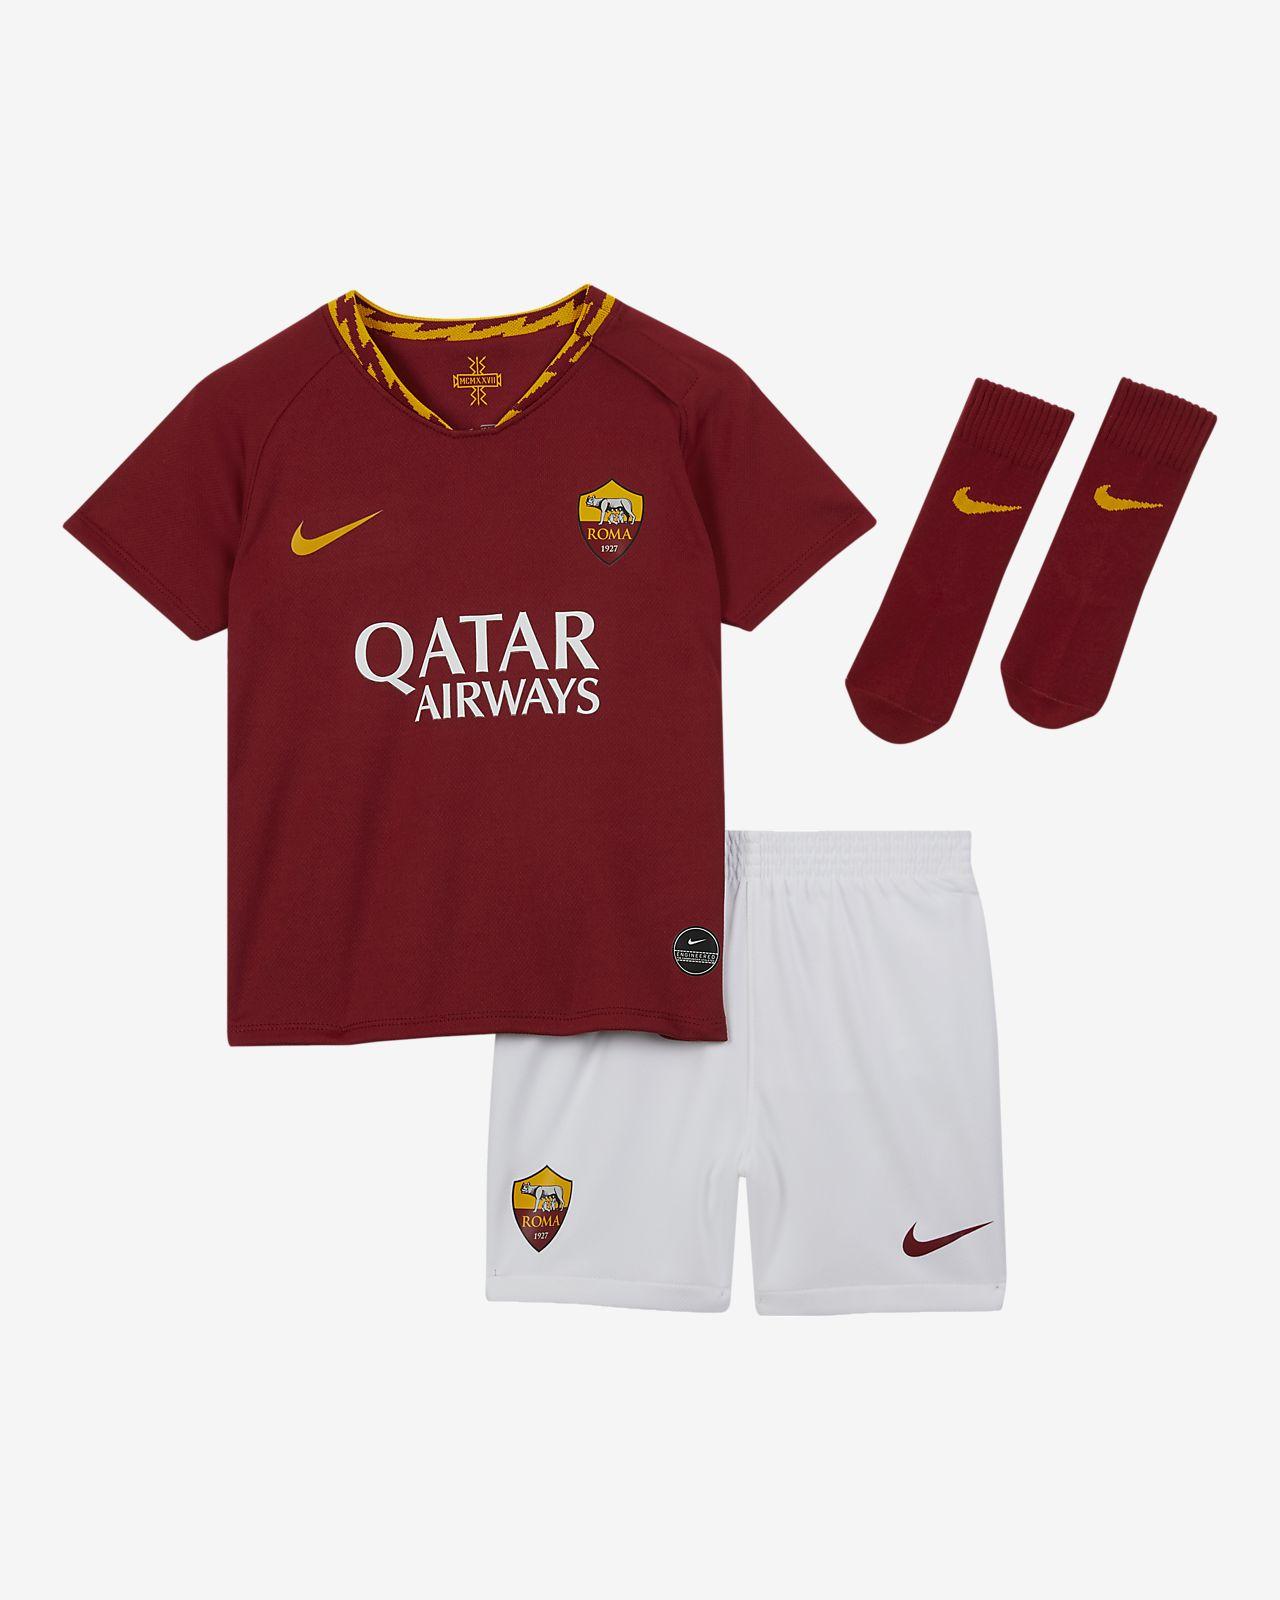 a3c8ab7a161e8 ... Domácí fotbalová souprava A.S. Roma 2019/20 pro kojence a batolata